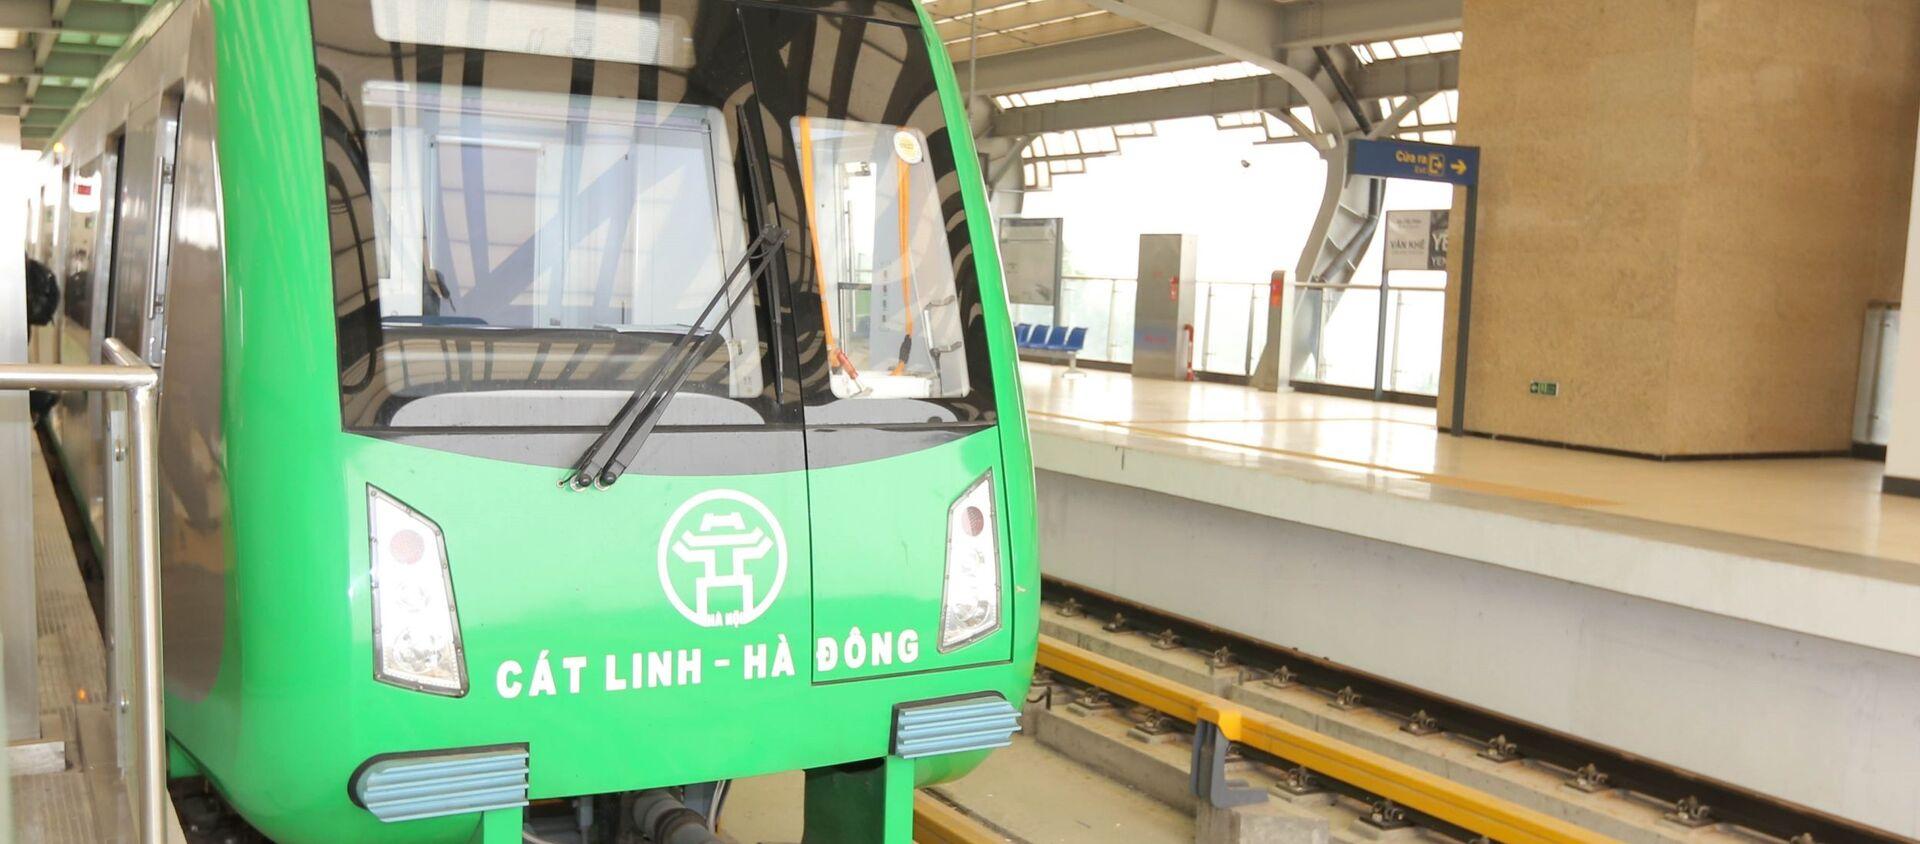 Tàu đường sắt tuyến Cát Linh - Hà Đông có tốc độ thiết kế tối đa 80 km/h. - Sputnik Việt Nam, 1920, 31.03.2021